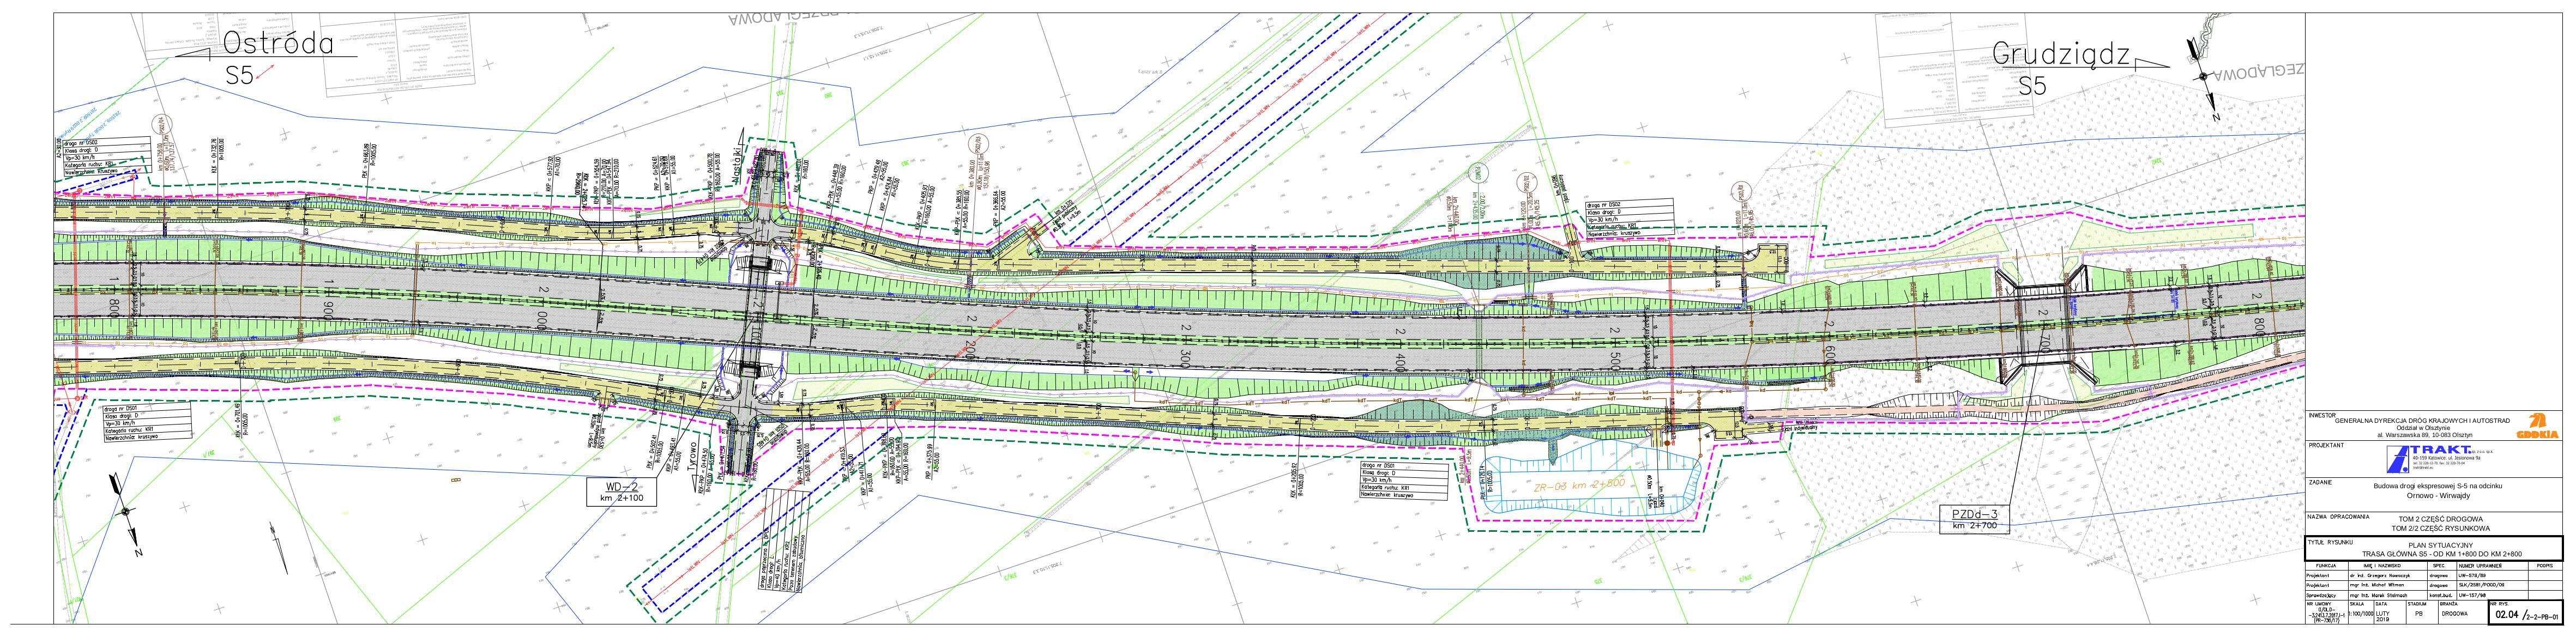 02.04 Plan sytuacyjny. Trasa główna S5 – od km 1+800 do km 2+800_20190219